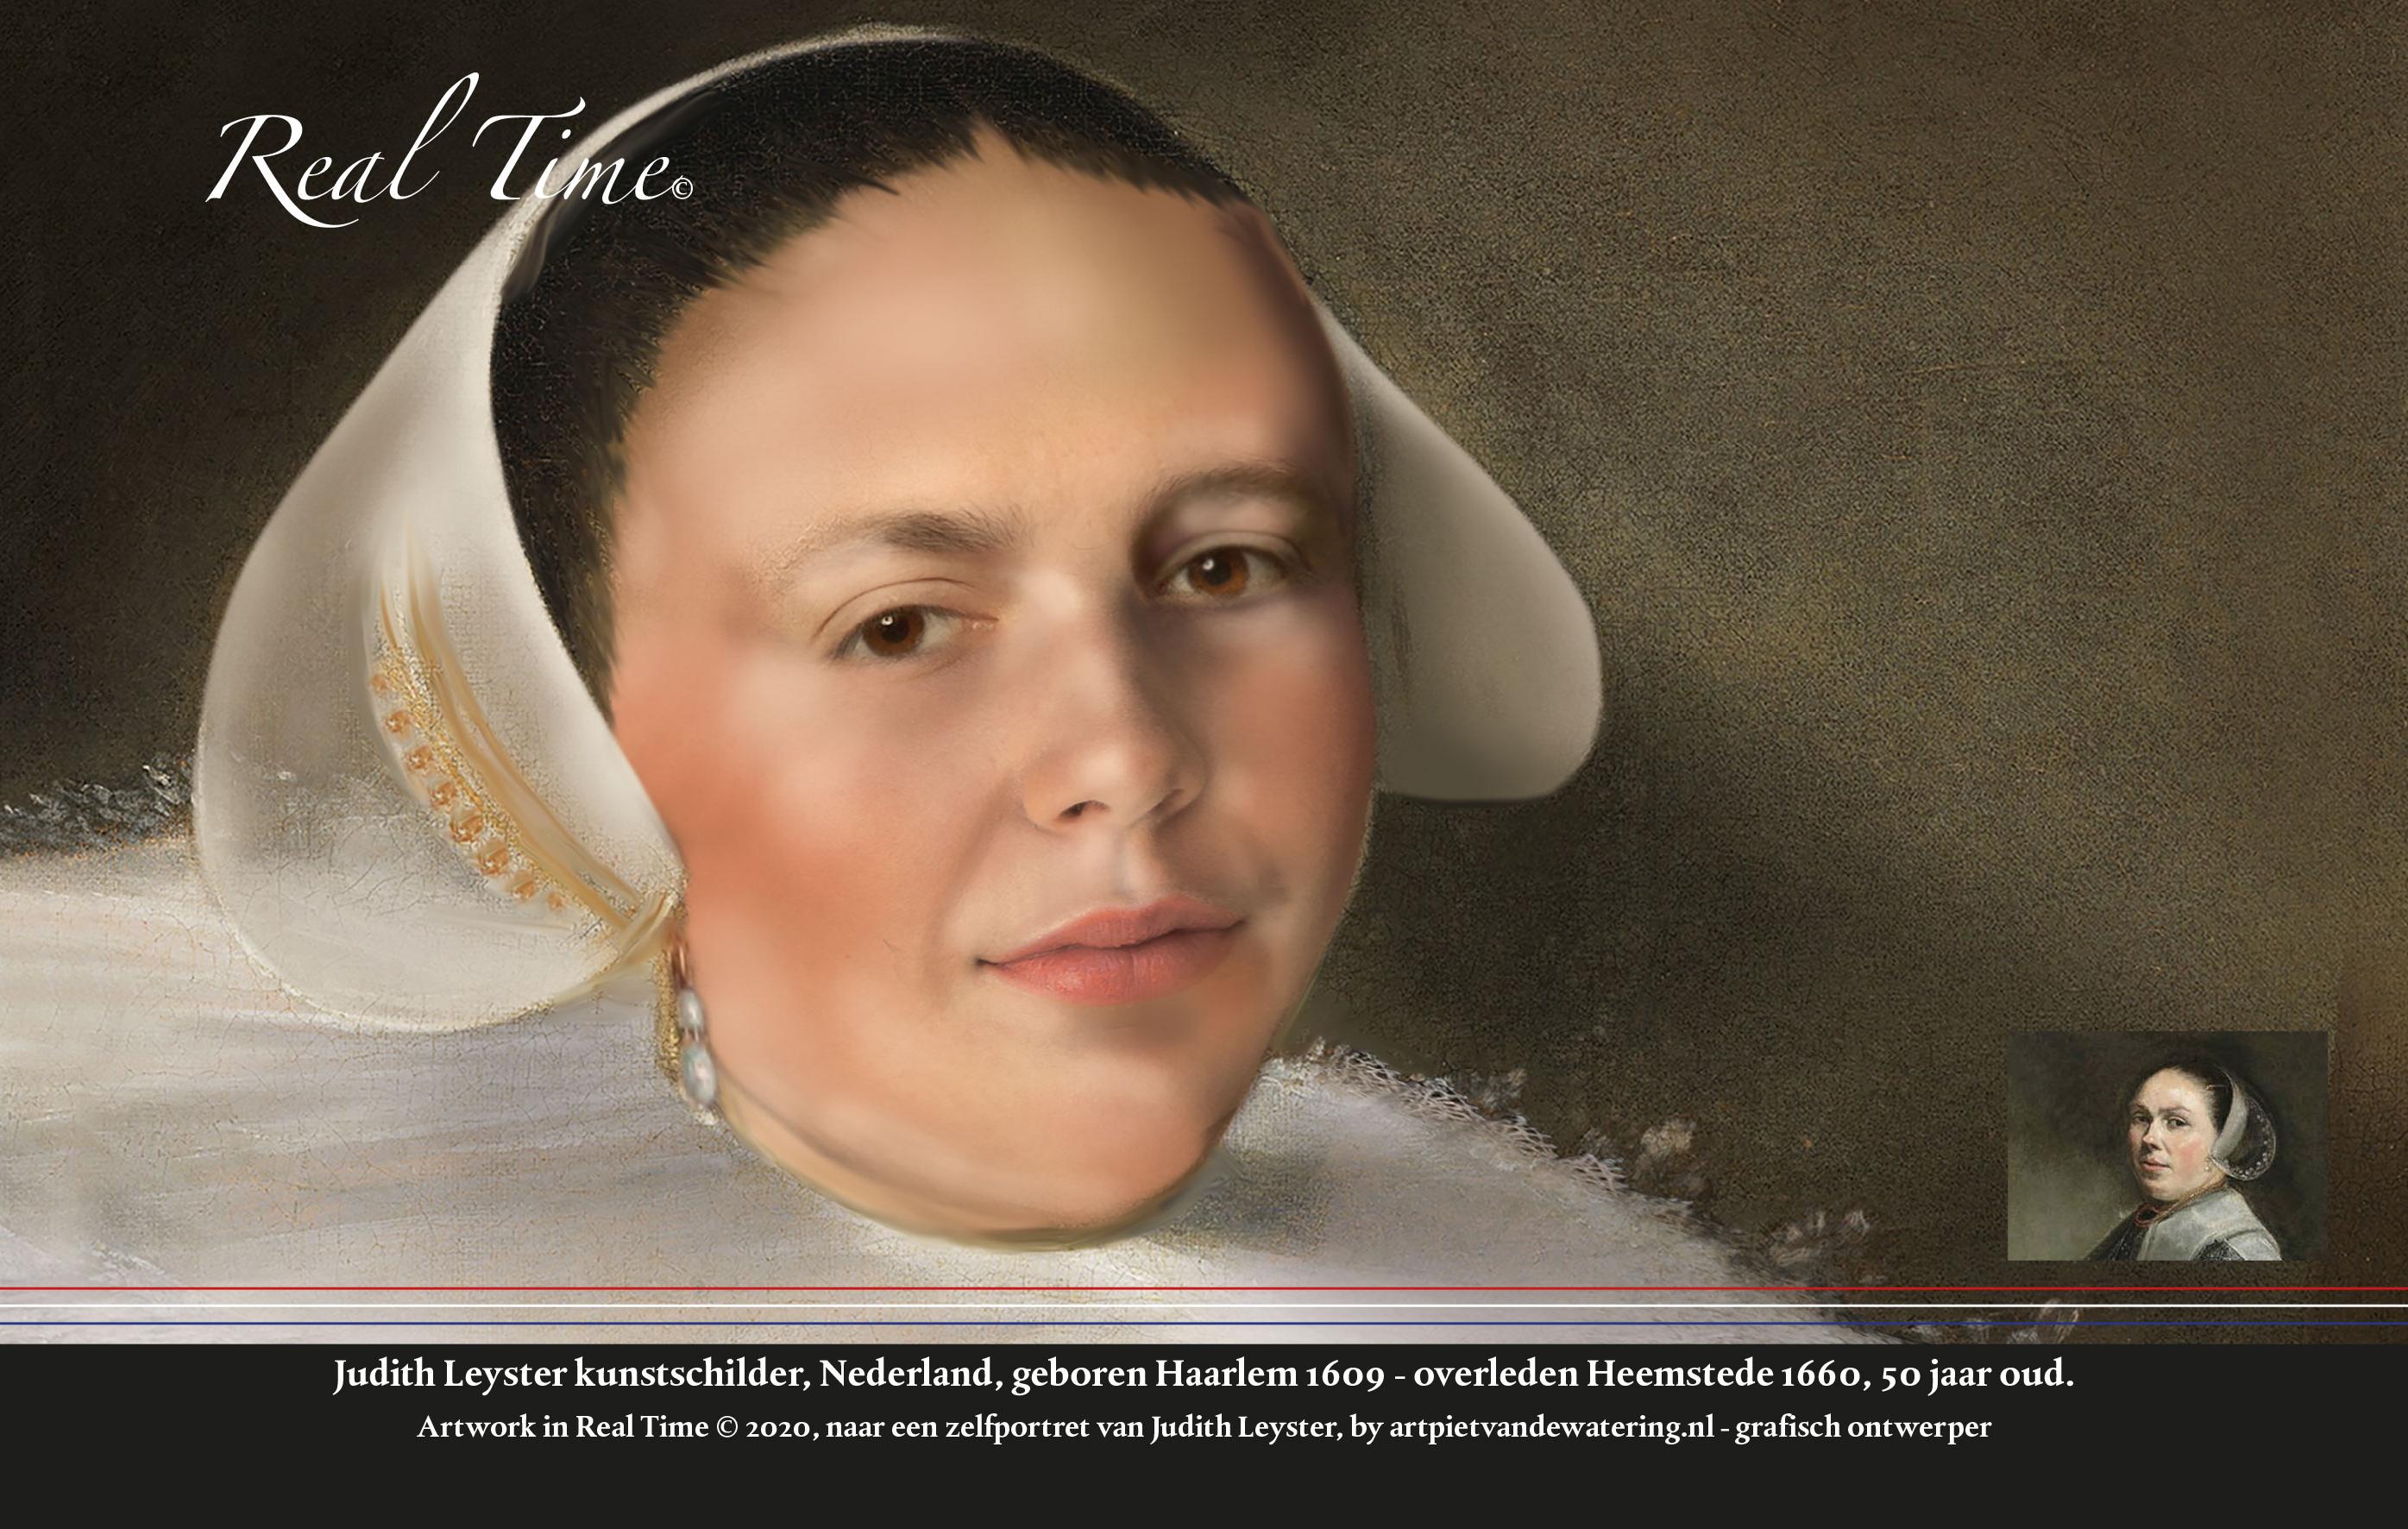 Judith-Leyster-1609-1660